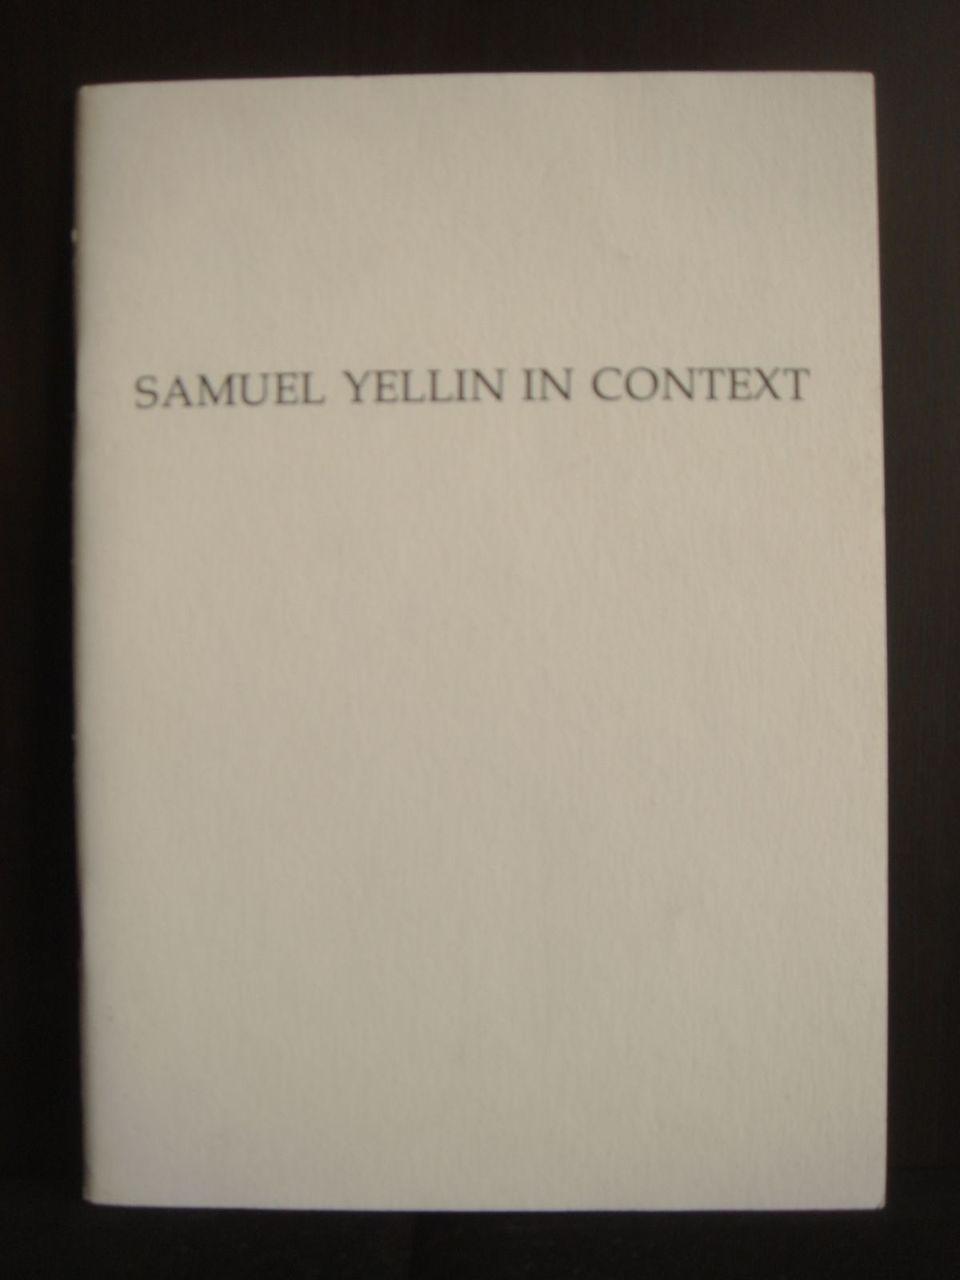 SAMUEL YELLIN IN CONTEXT, by  Richard J. Wattenmaker - 1985